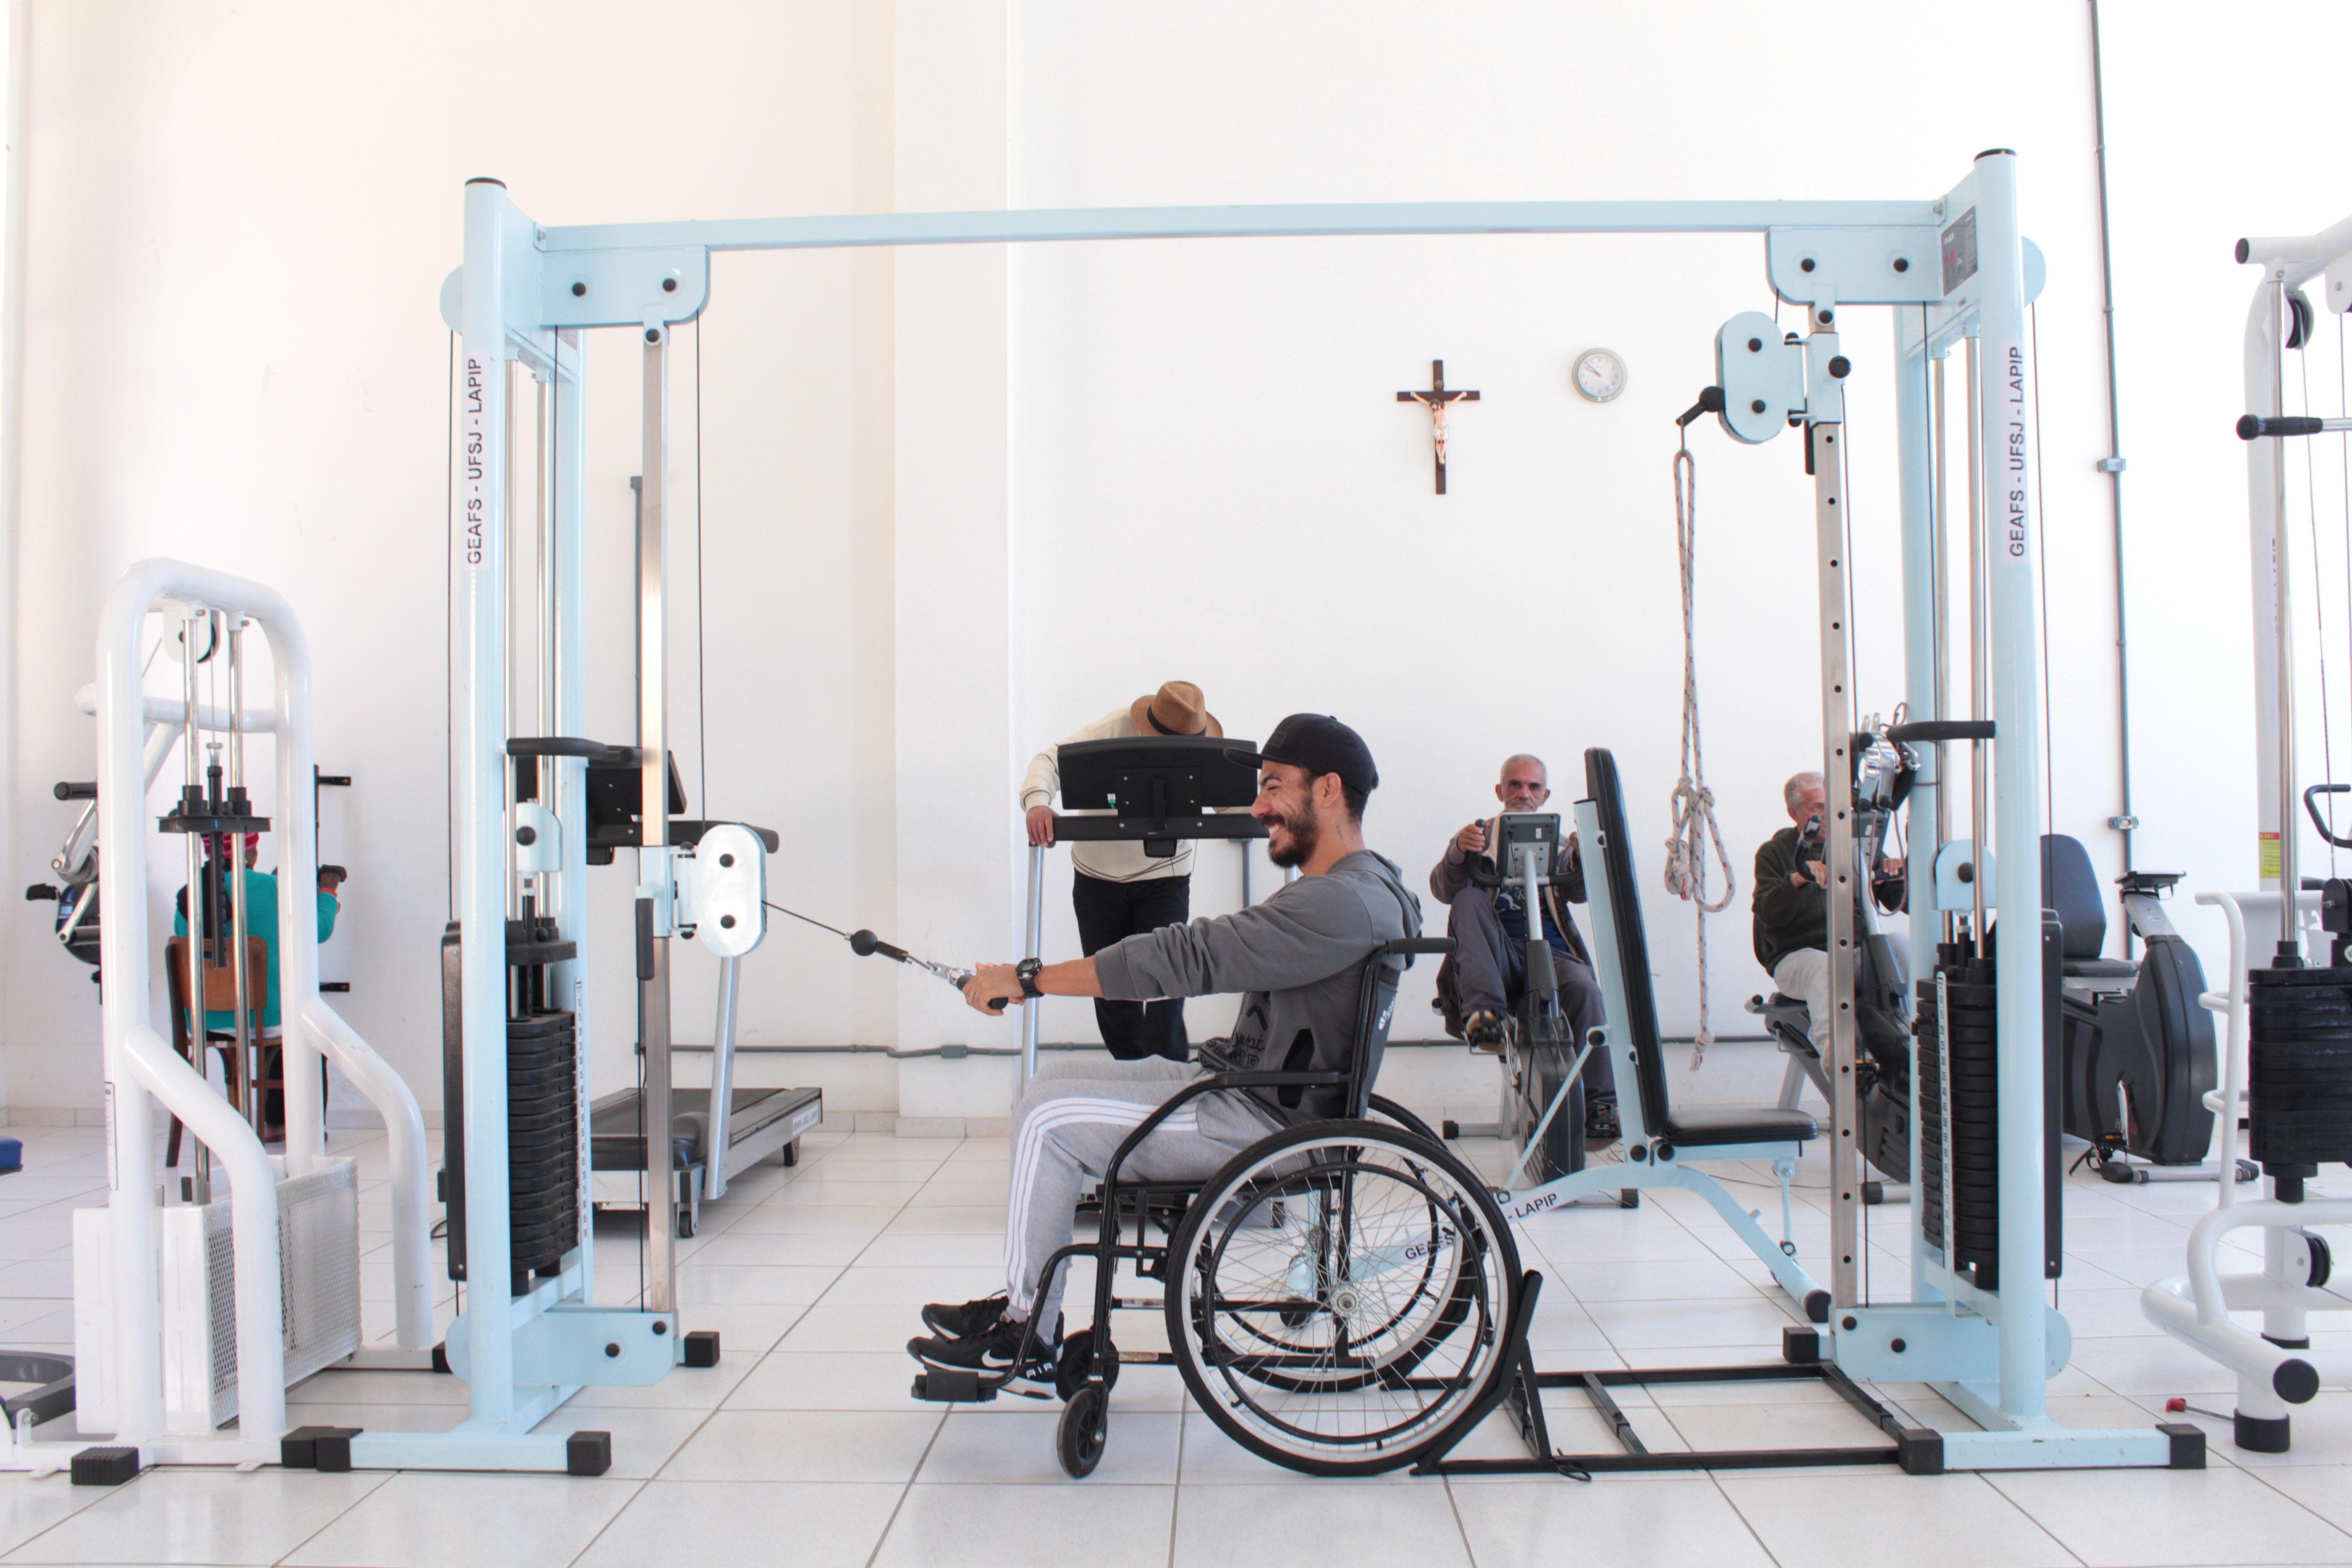 Academia adaptada desperta interesse do Comitê Paralímpico